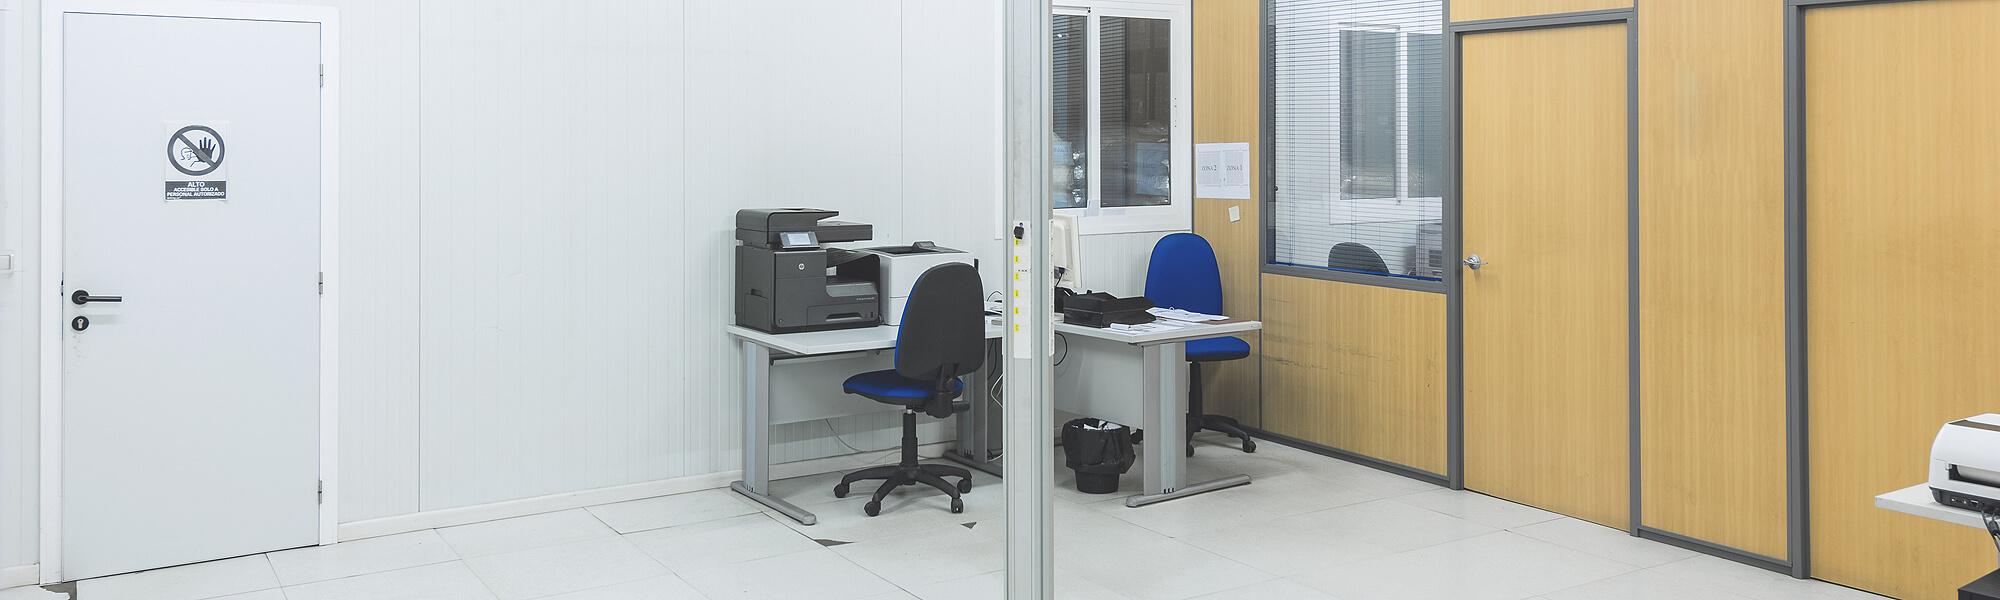 Oficinas de lucuslog